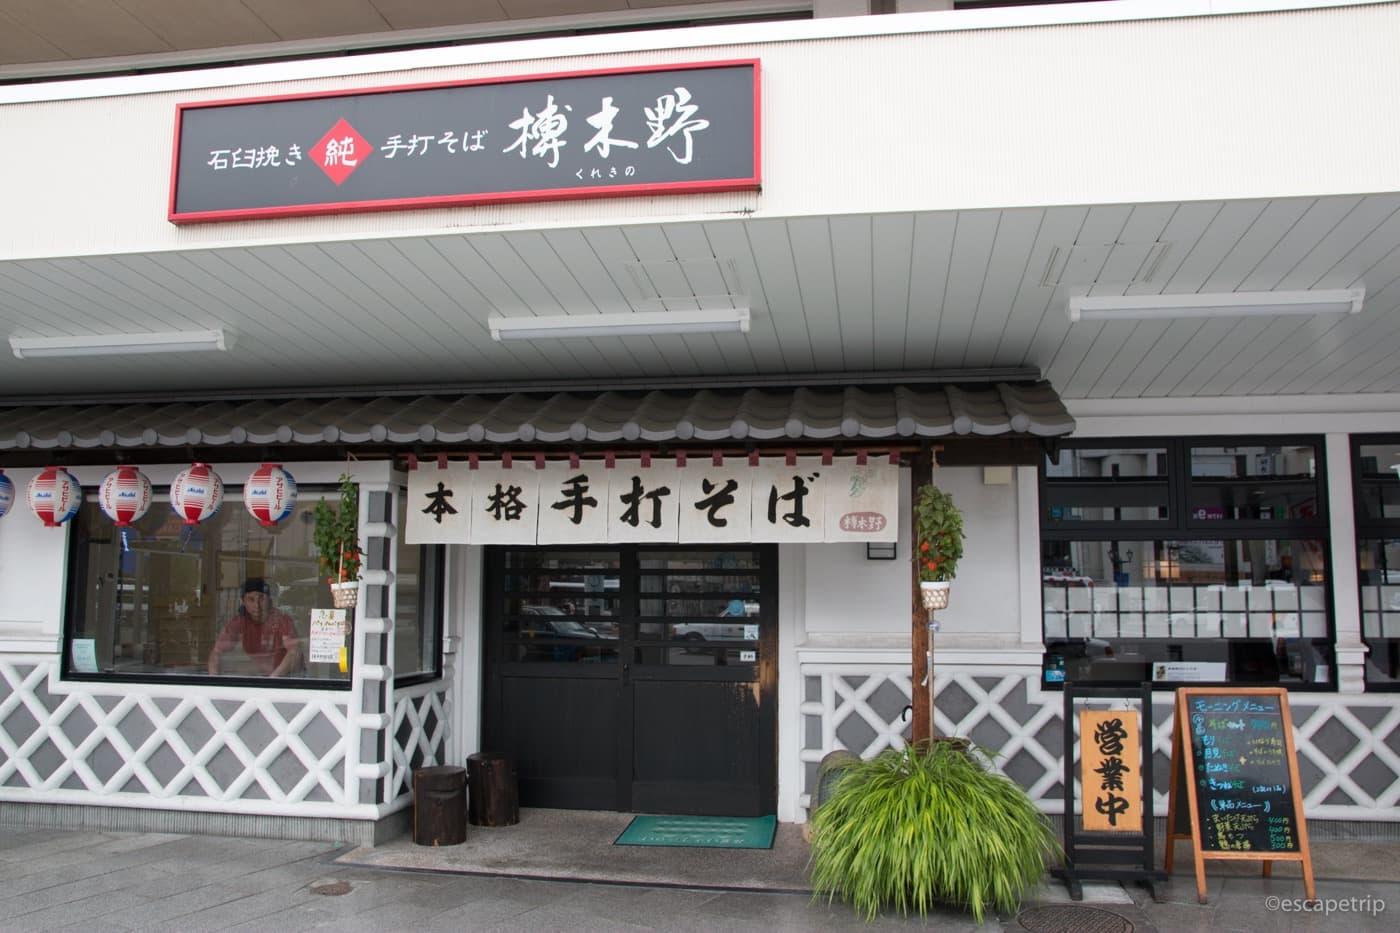 松本駅前の榑木野(くれきの)駅舎店